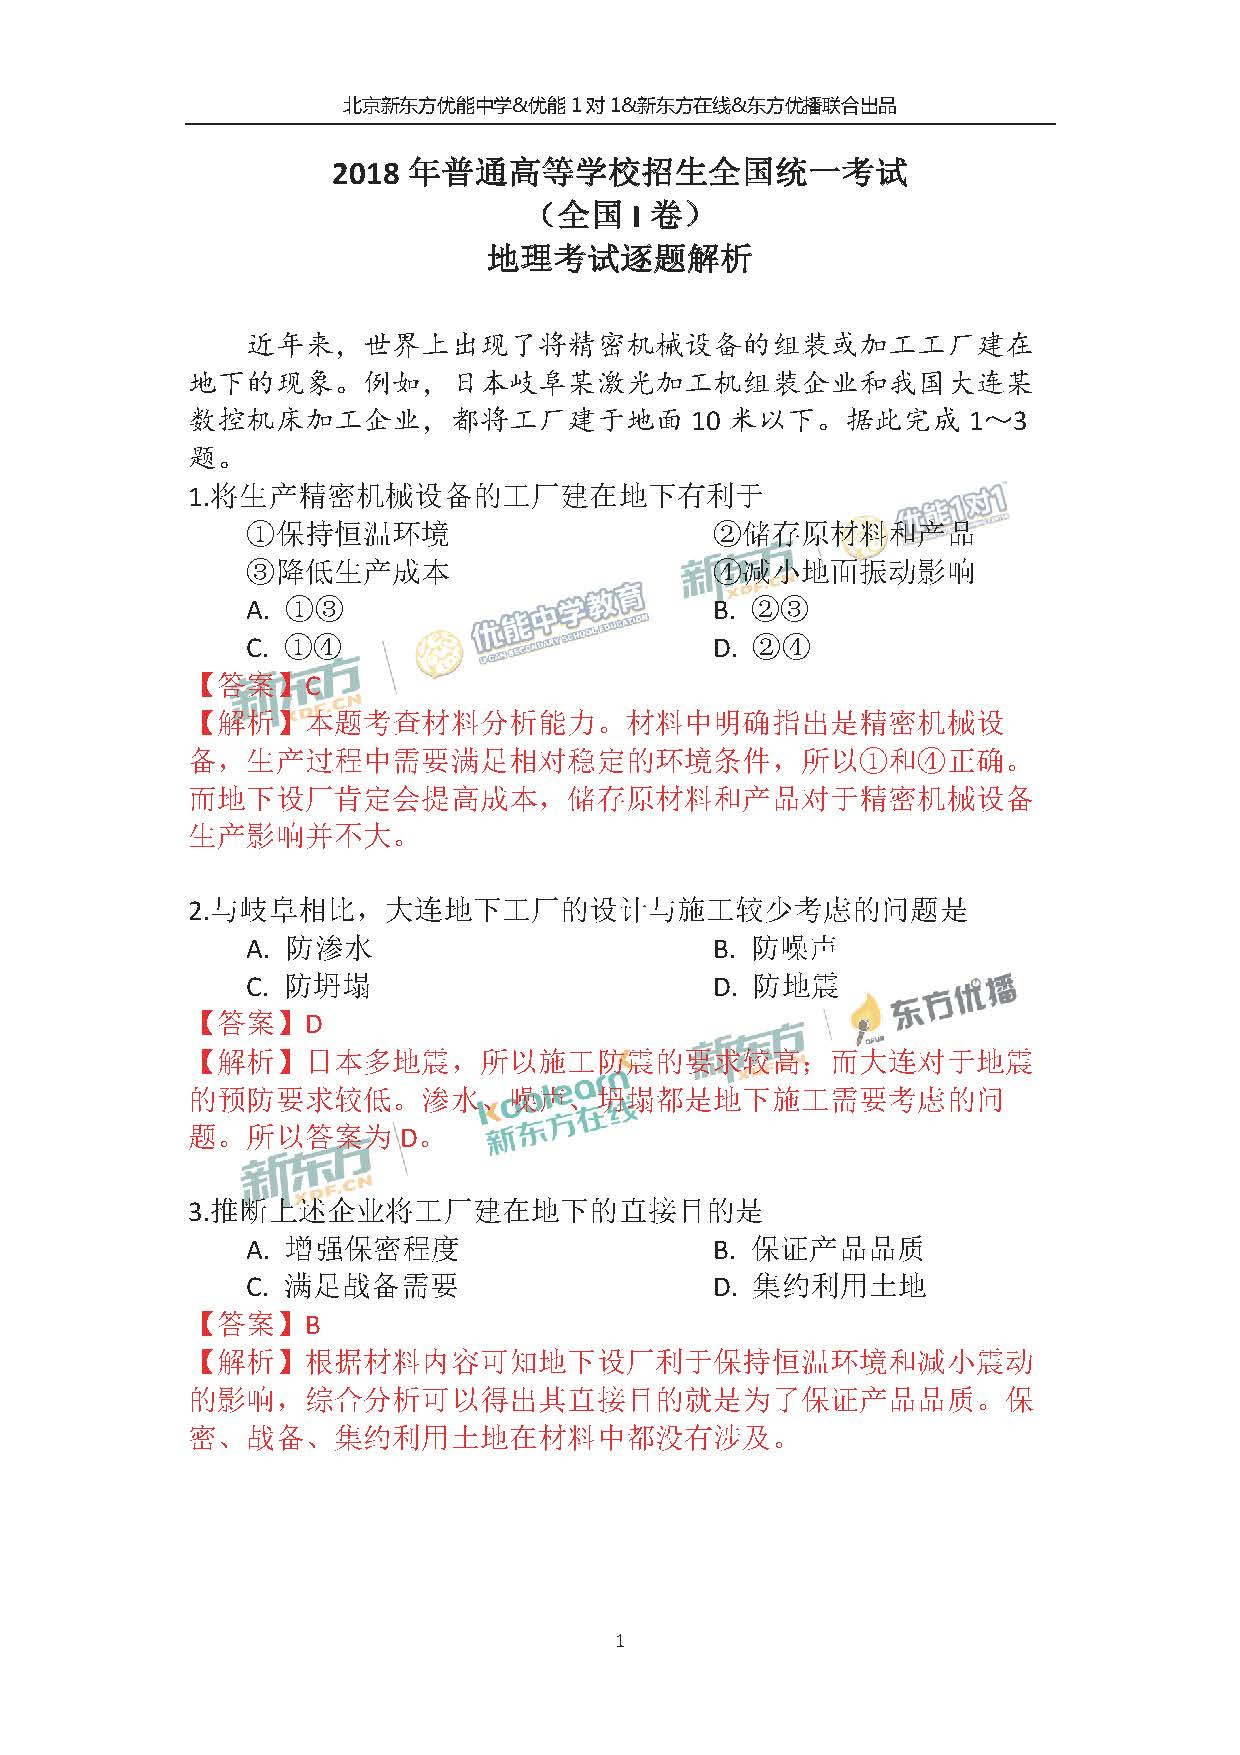 2018全国卷1高考地理答案及解析(北京新东方)